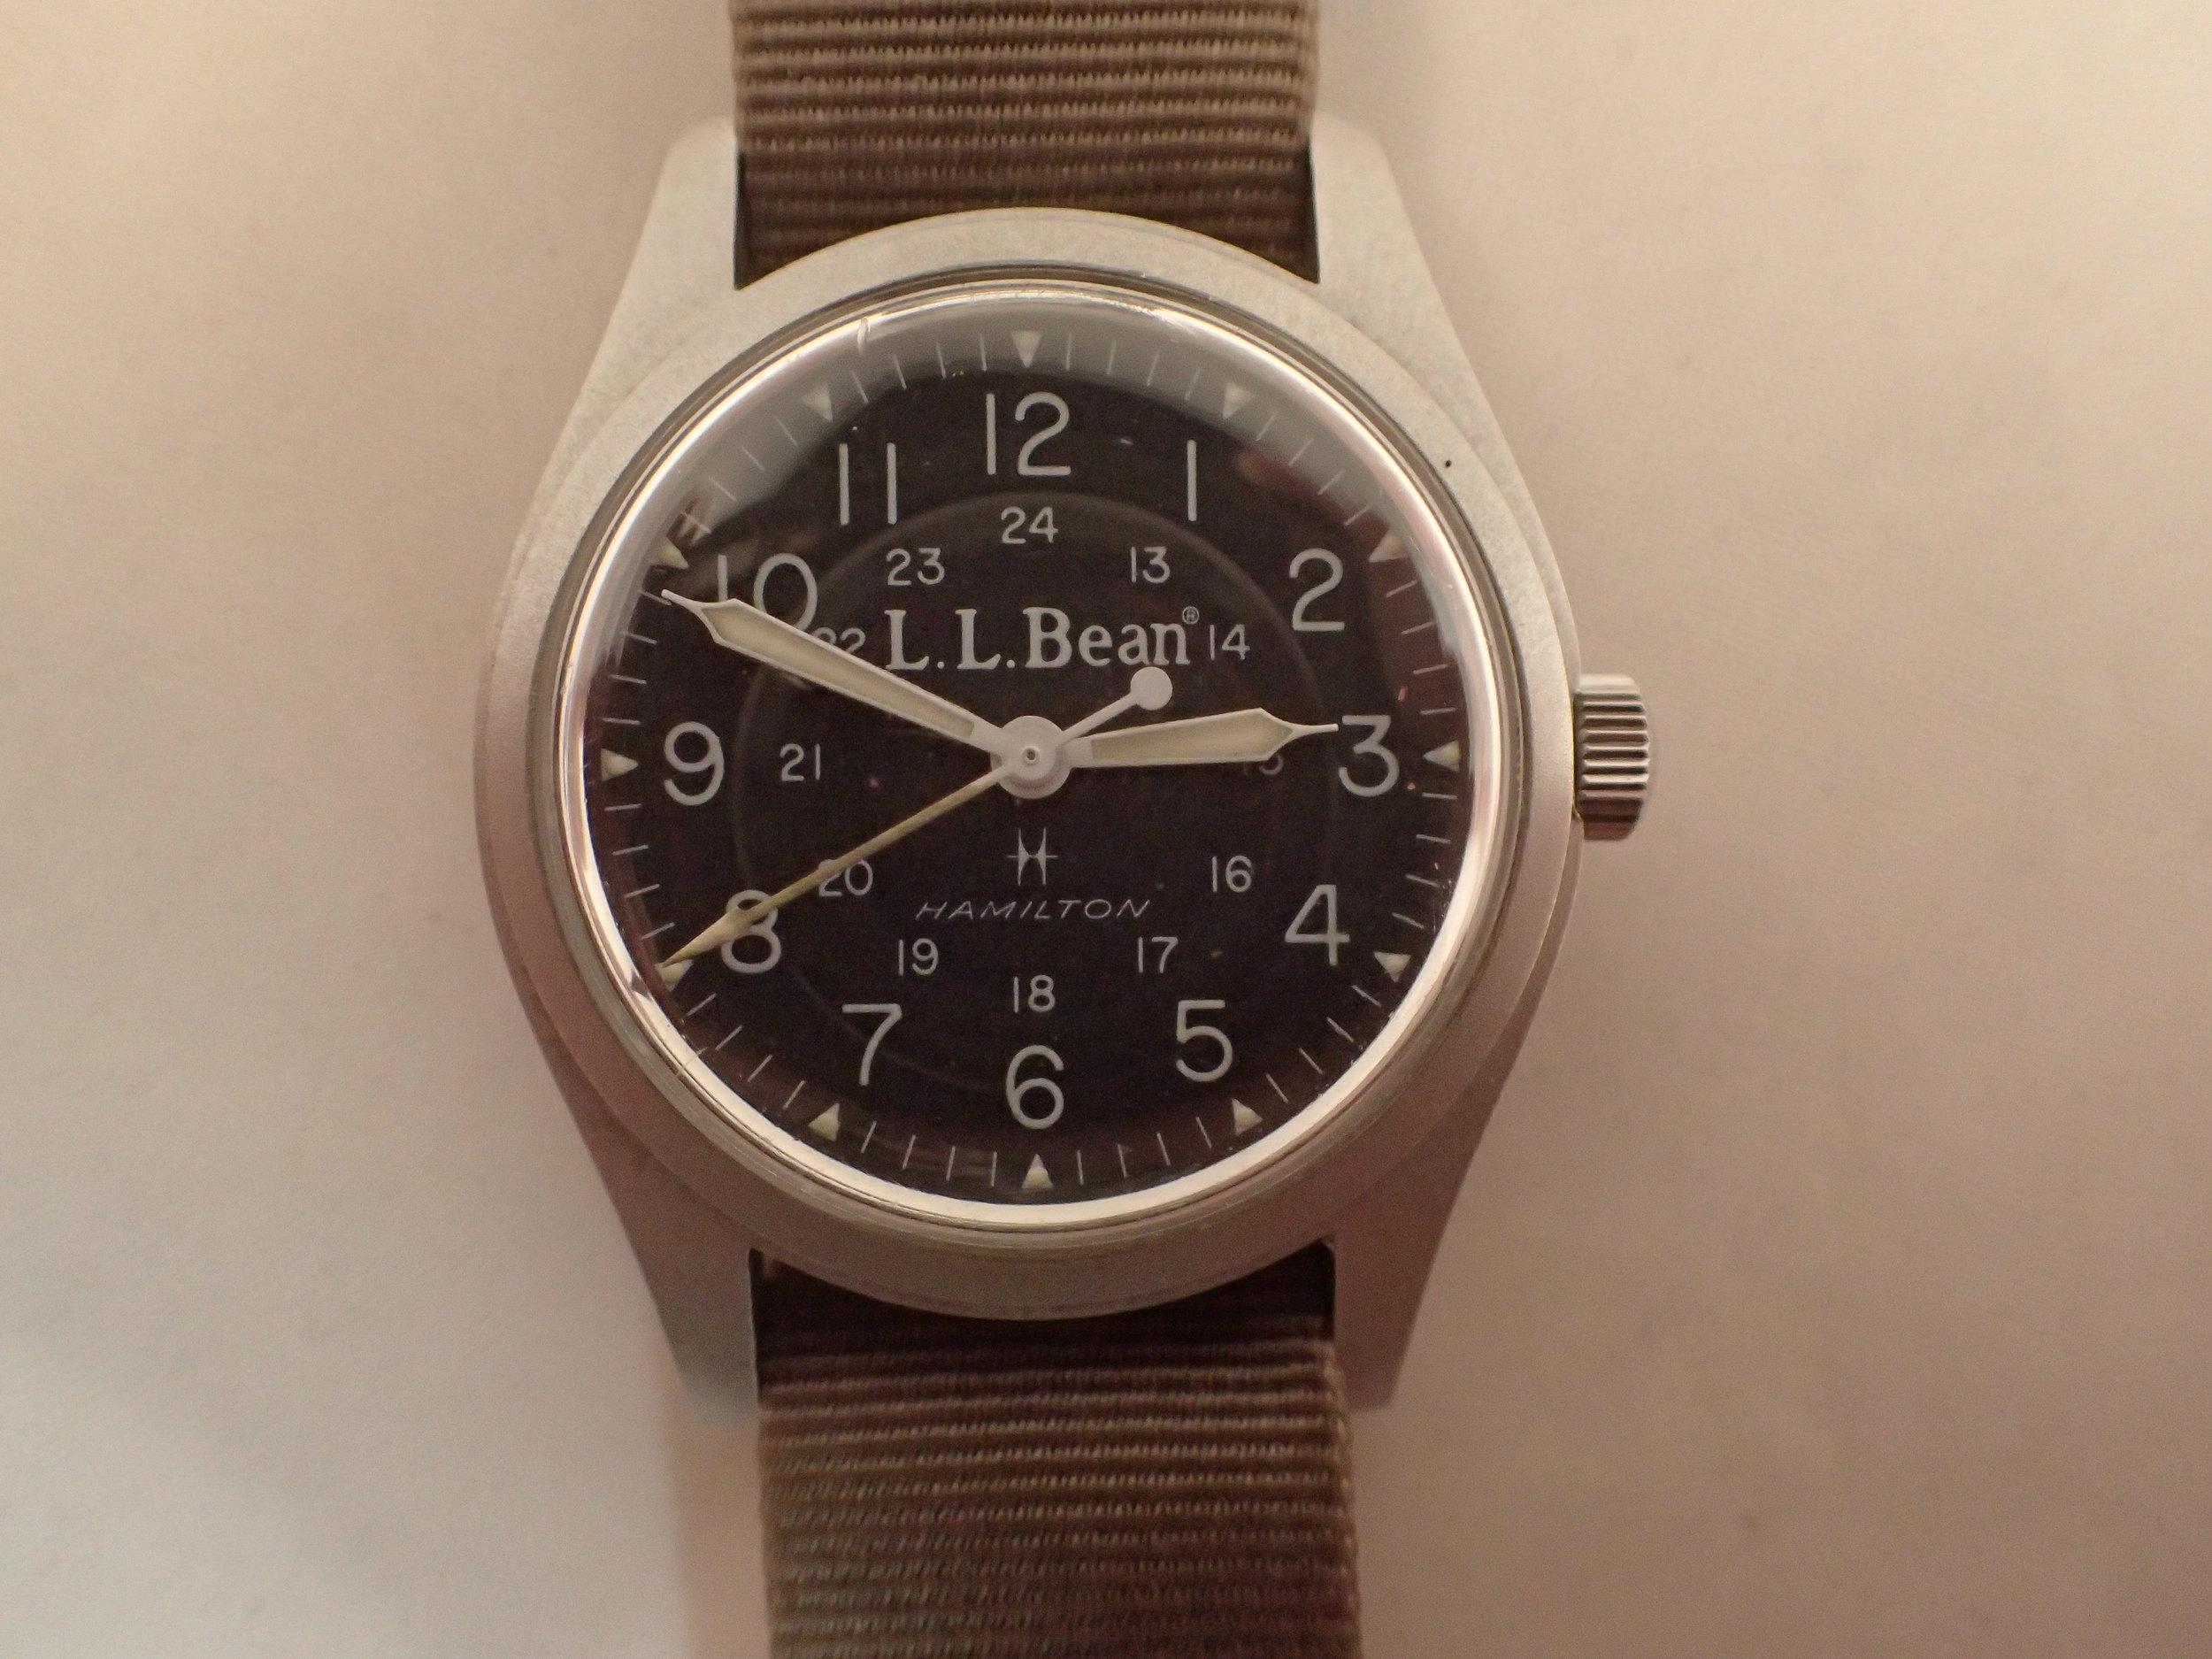 The Hamilton 9219 LL Bean Field Watch.